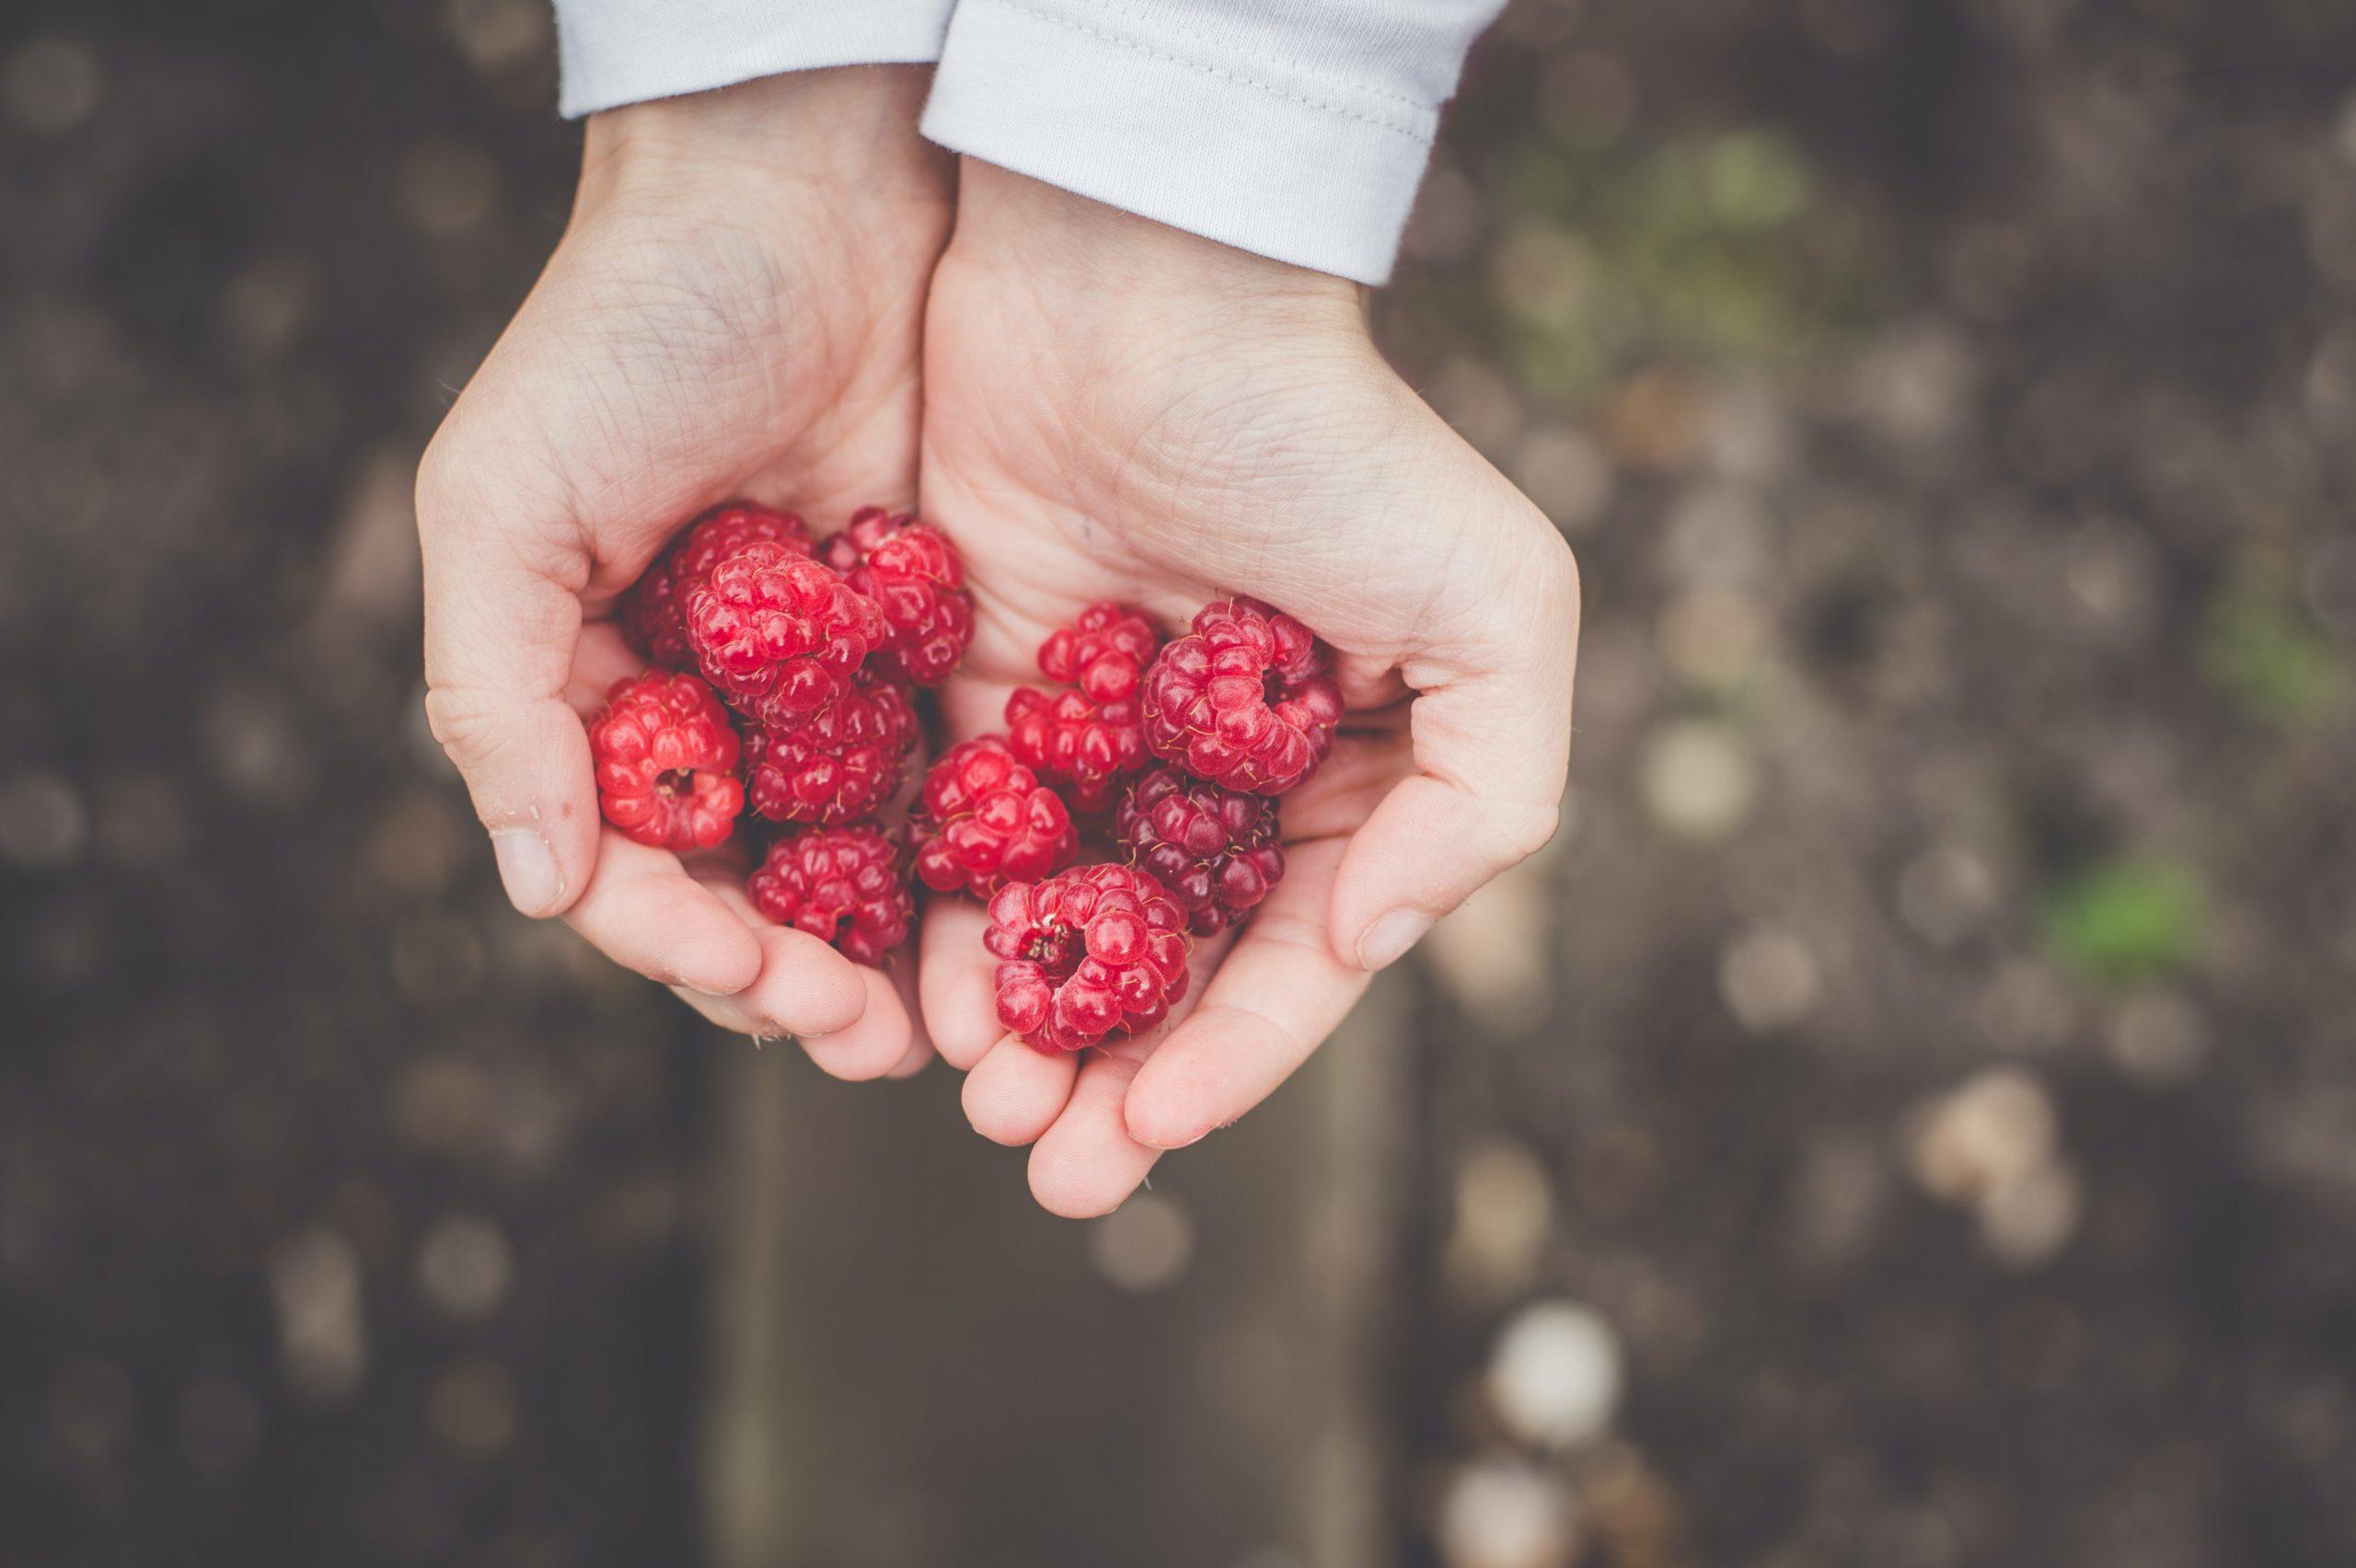 édesség magas vérnyomás ellen gyengeség magas vérnyomással hogyan kell kezelni